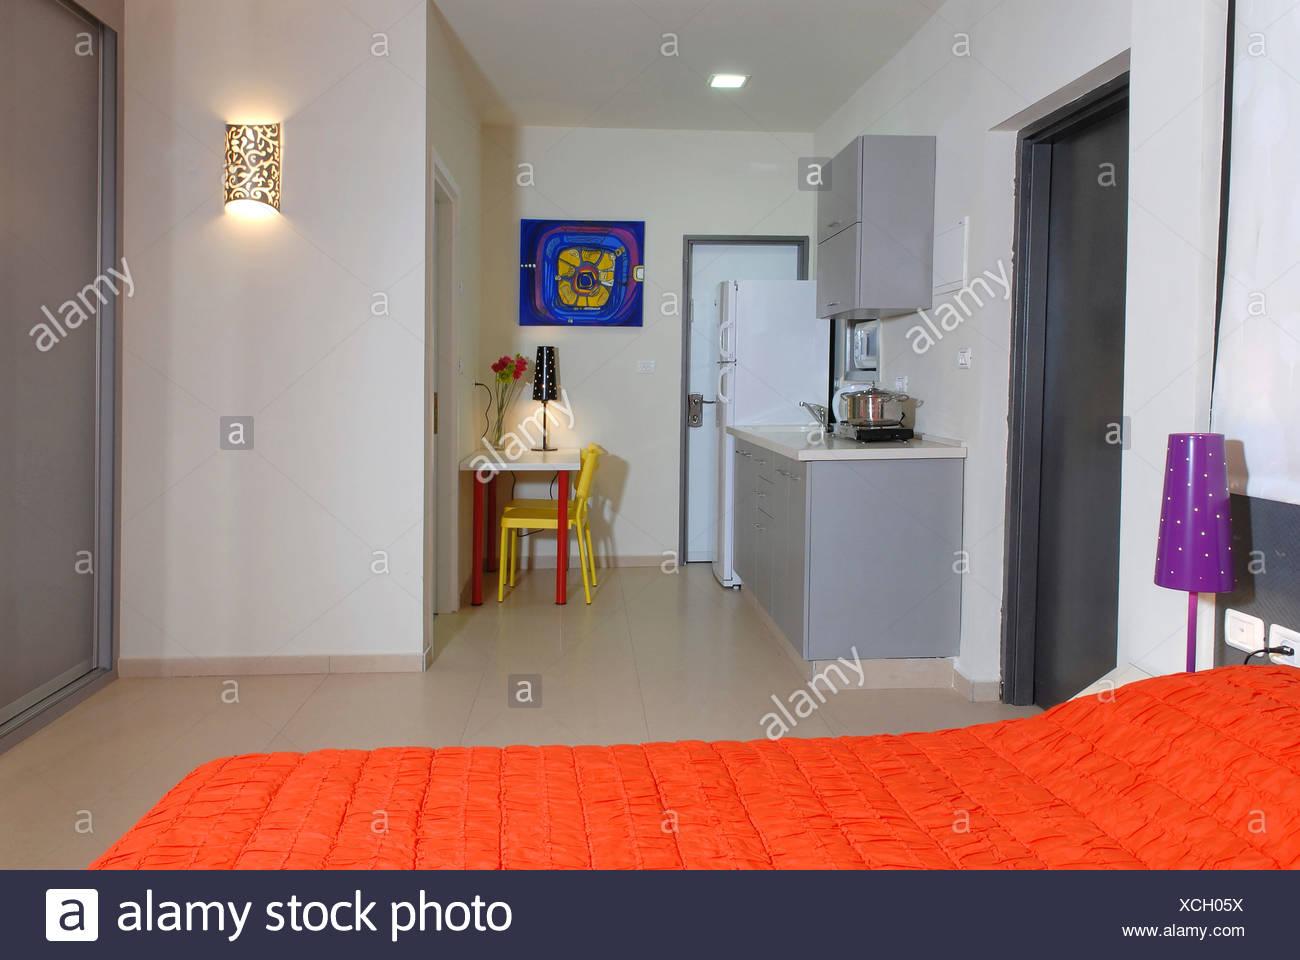 1 Zimmer Studio Apartment Mit Bett Und Kochnische In Aussicht Stockfotografie Alamy